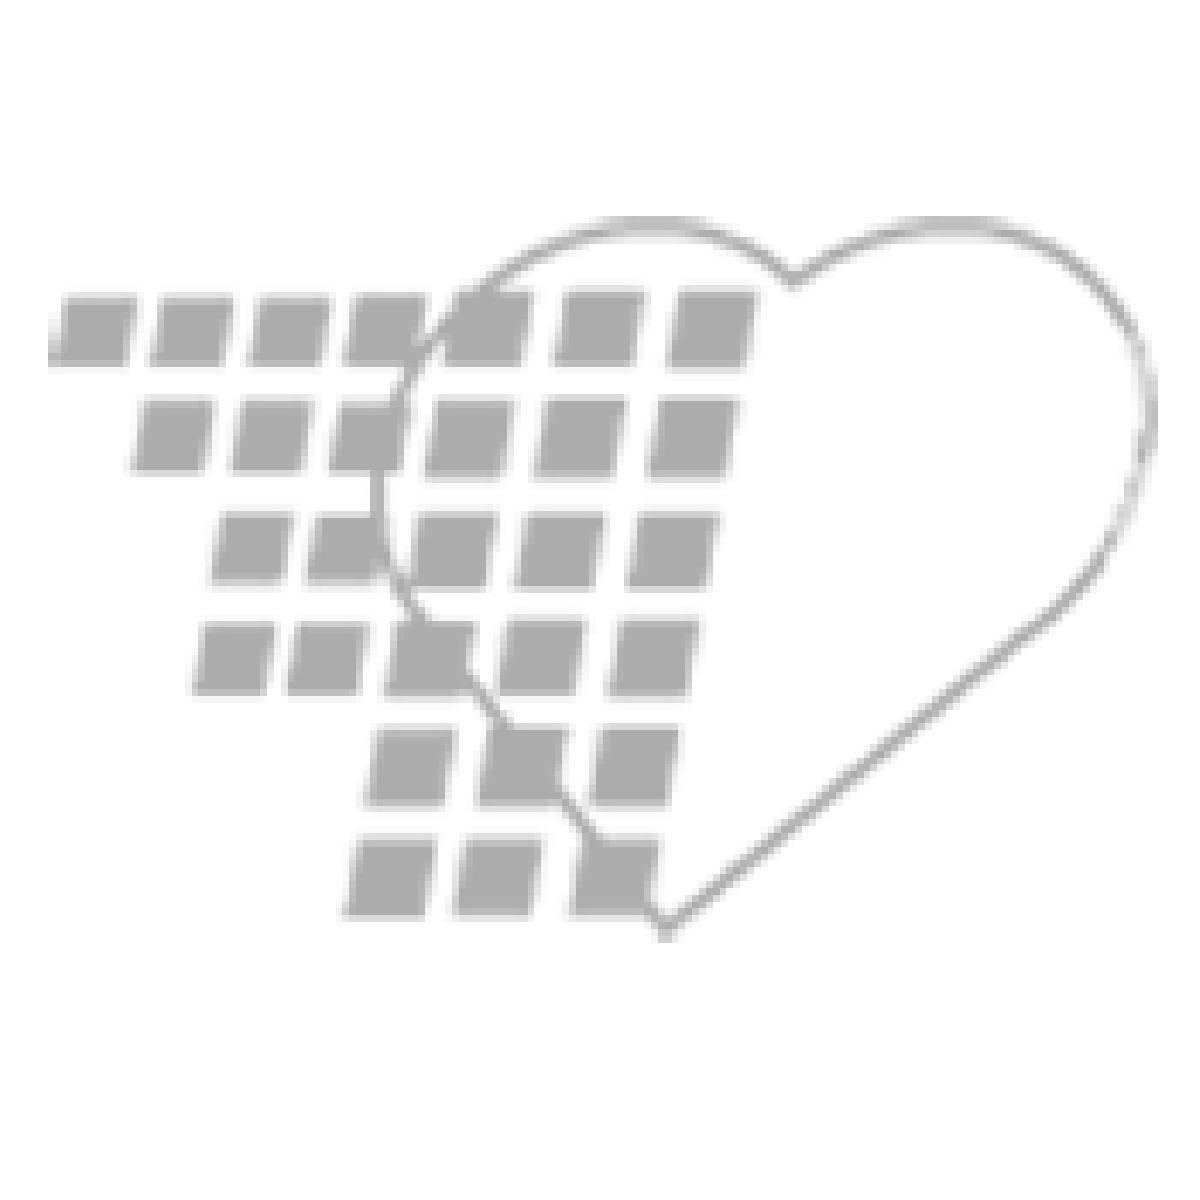 12-81-0013-BGE - SimObesitySuit   Jr - Beige